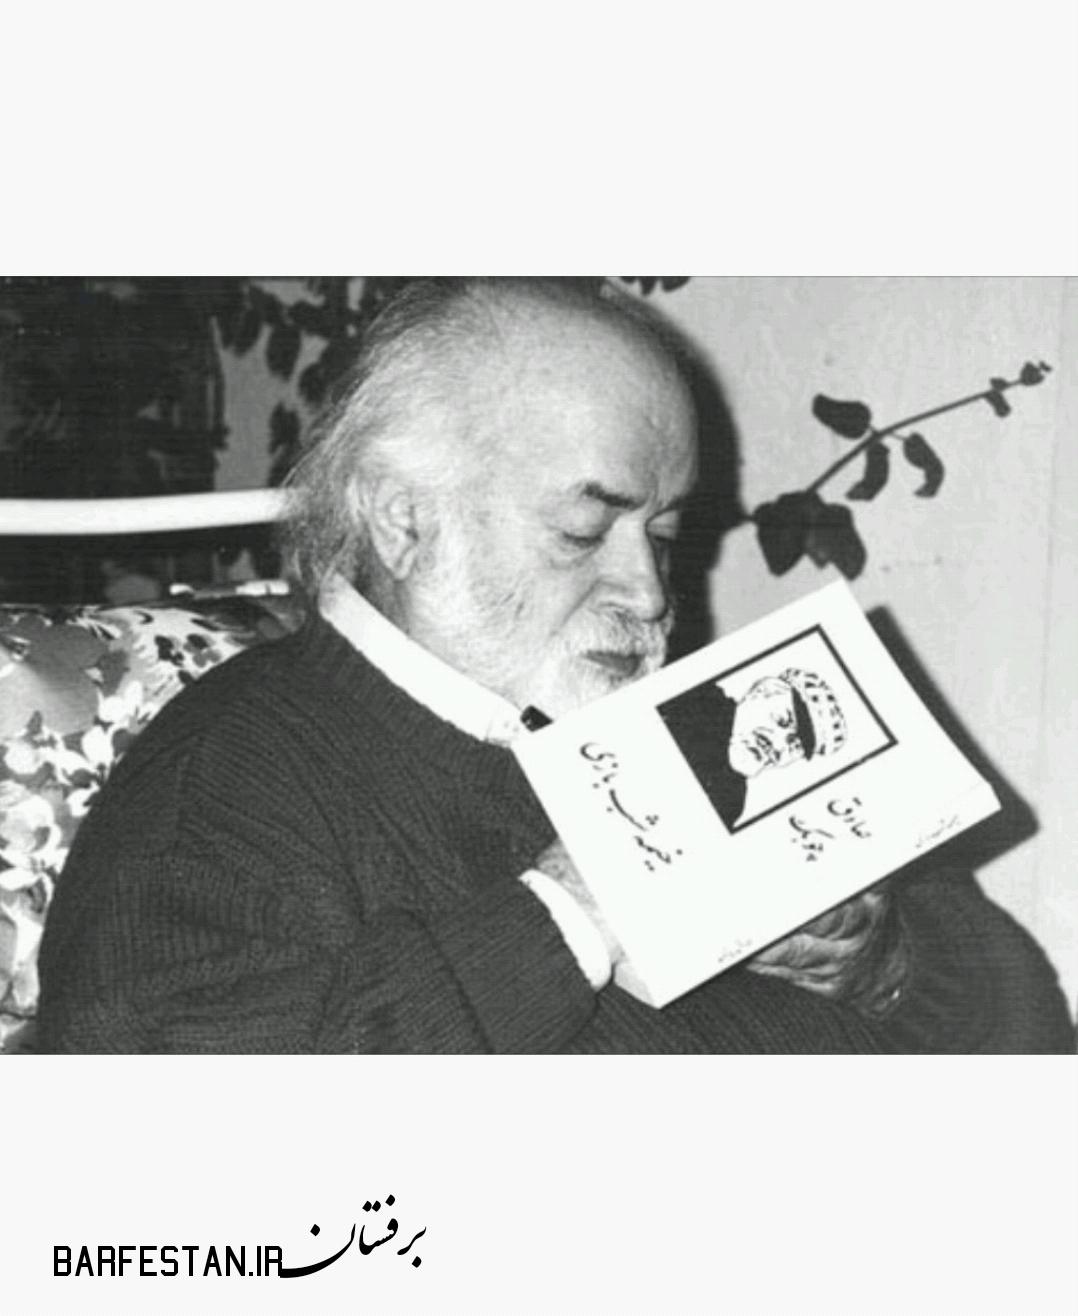 برفستان؛آشنایی با مشاهیر ایرانی(قسمت اول:نویسندگان)صادق چوبک